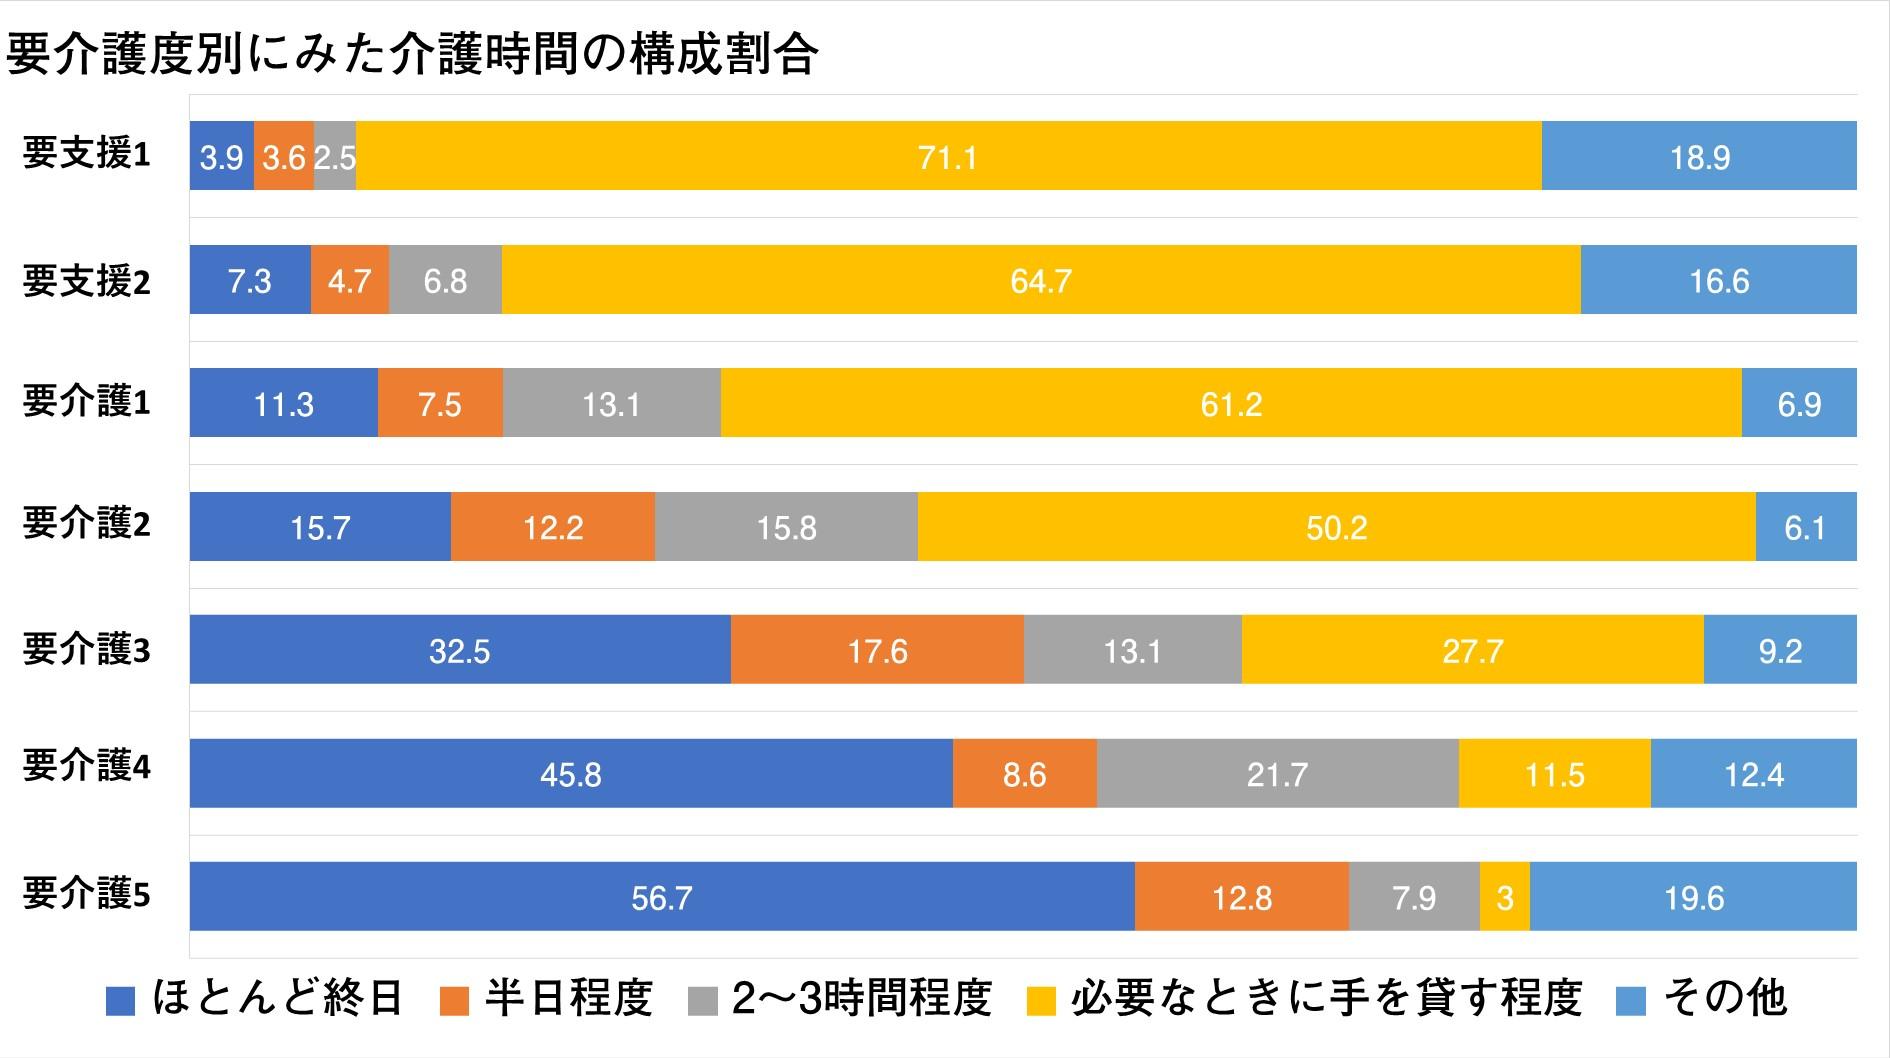 要介護度別にみた同居の主な介護者の介護時間の構成割合のグラフ